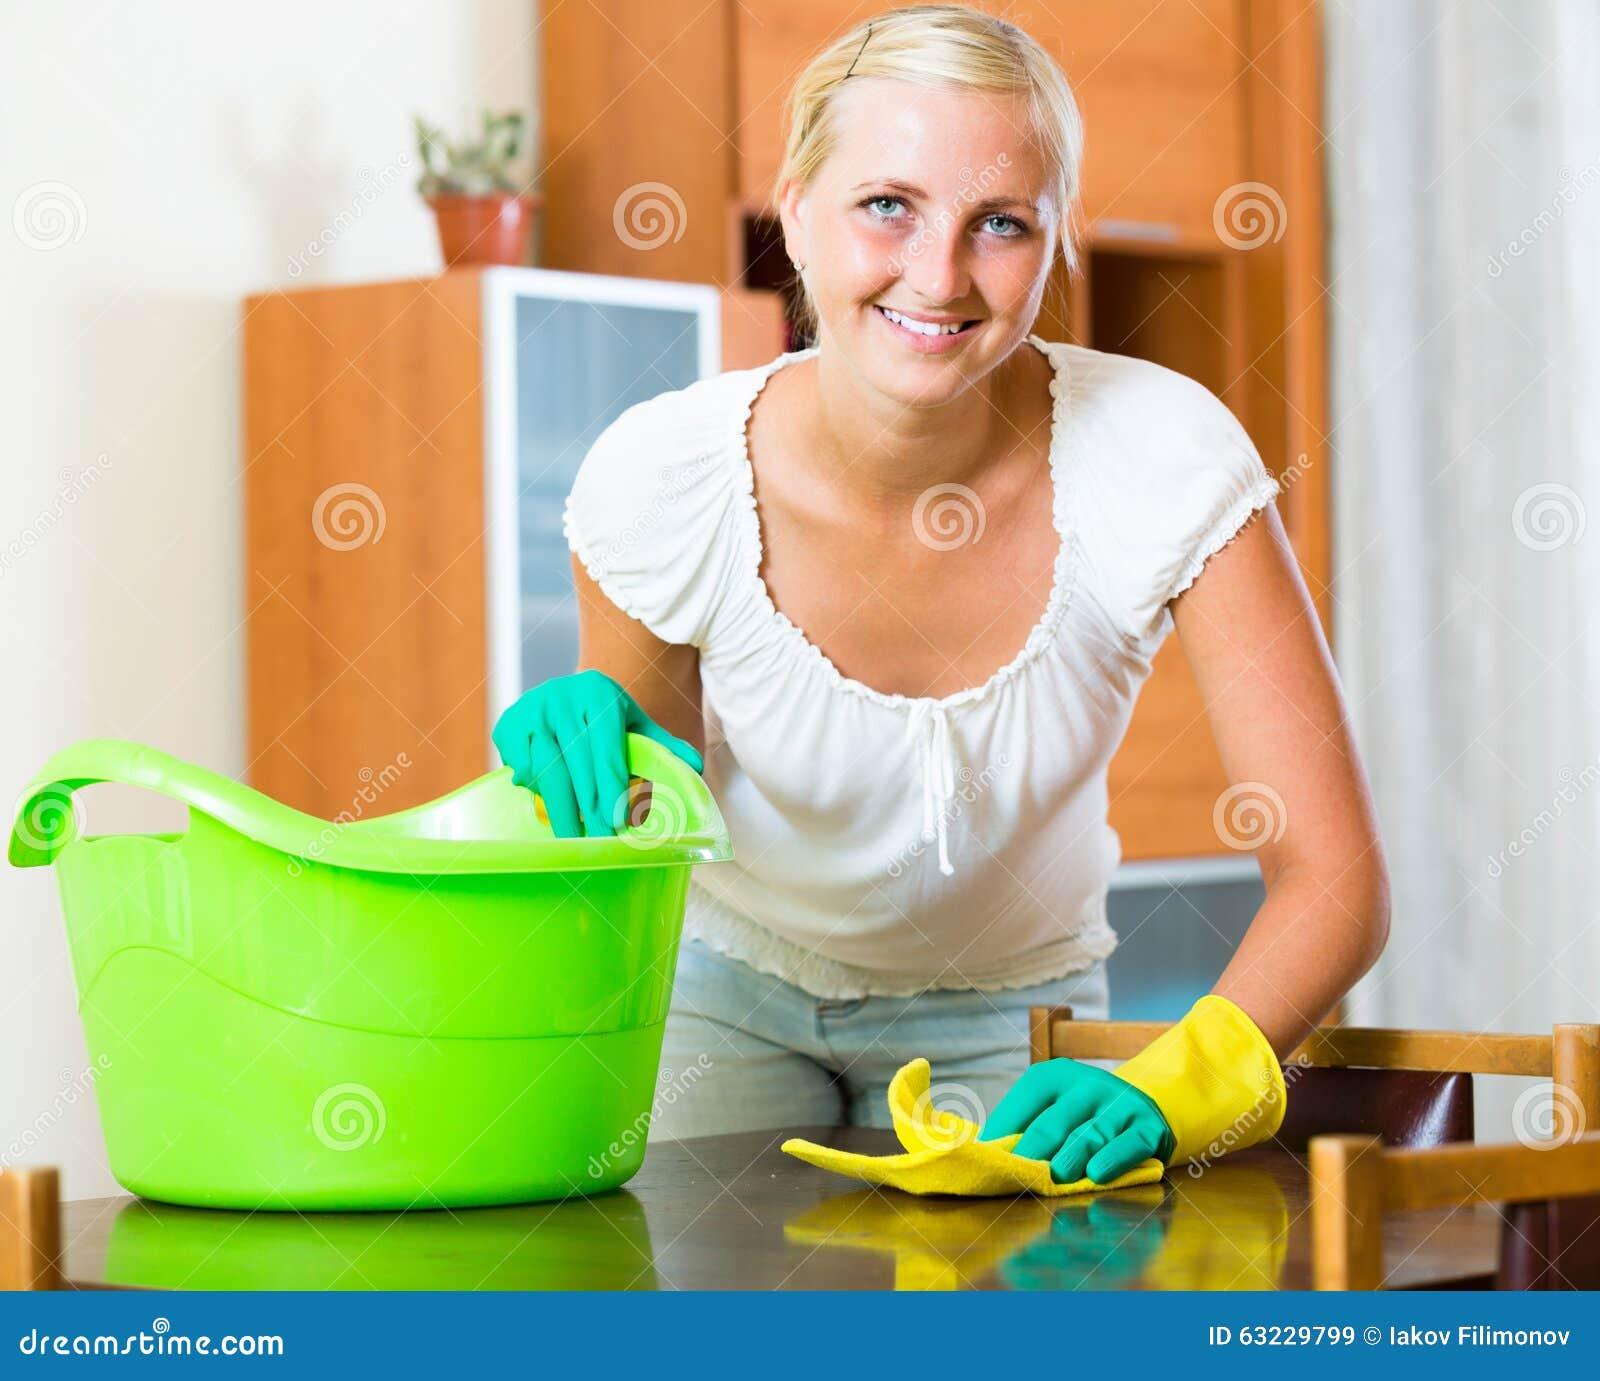 Blonde girl dusting in living room